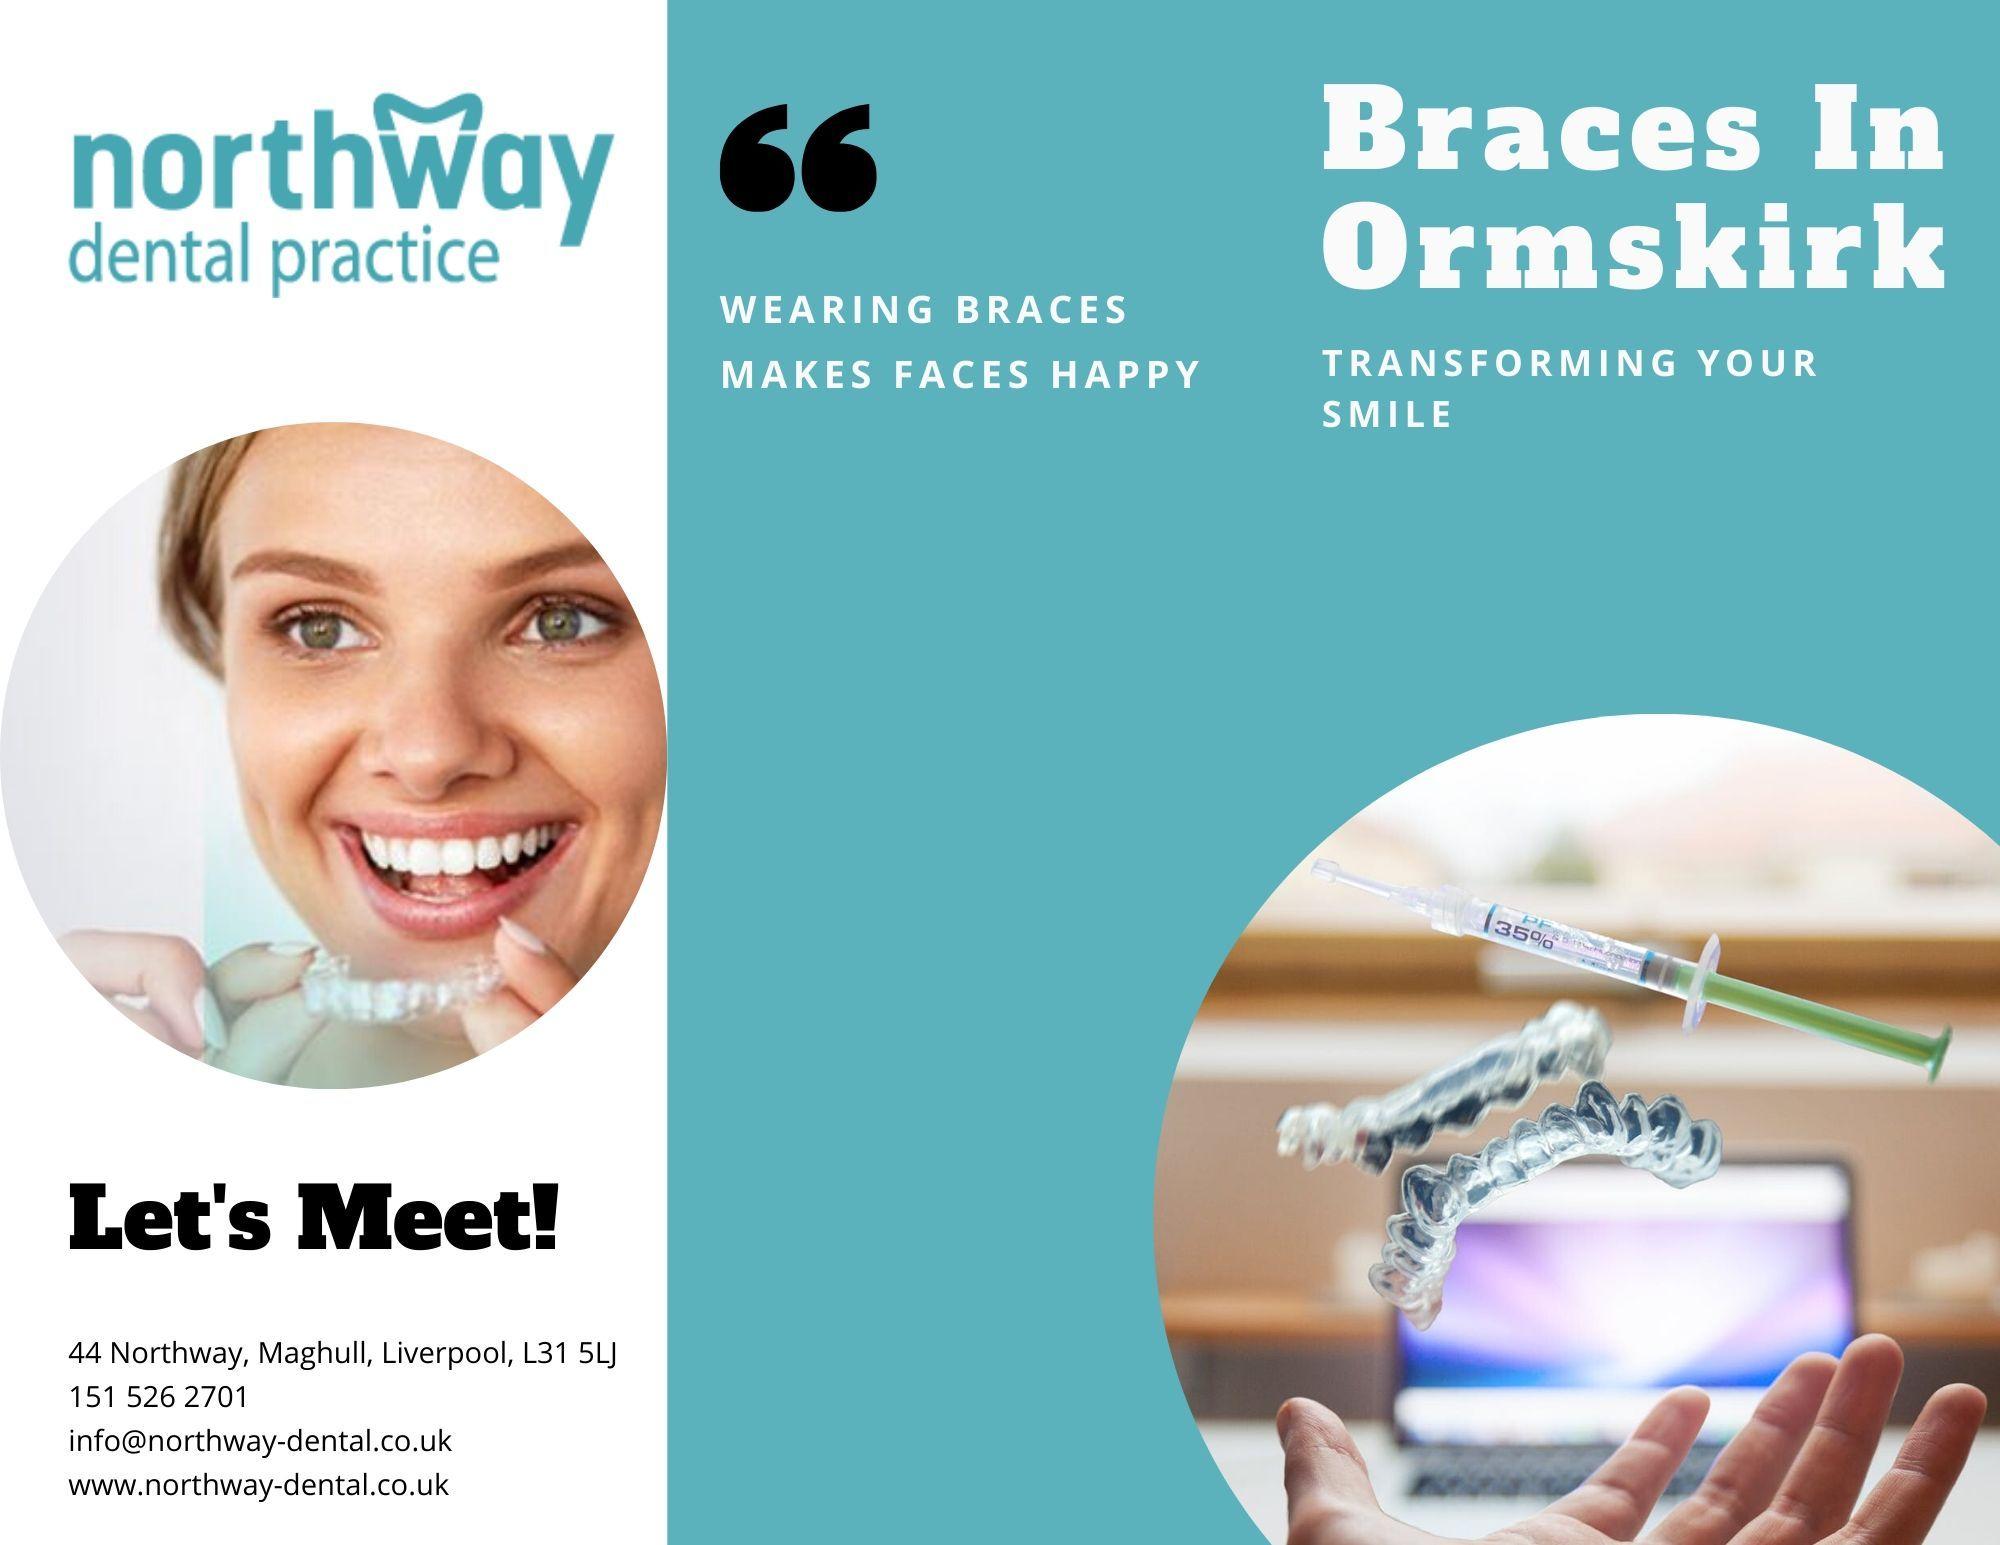 Braces in ormskirk in 2020 invisalign dental braces